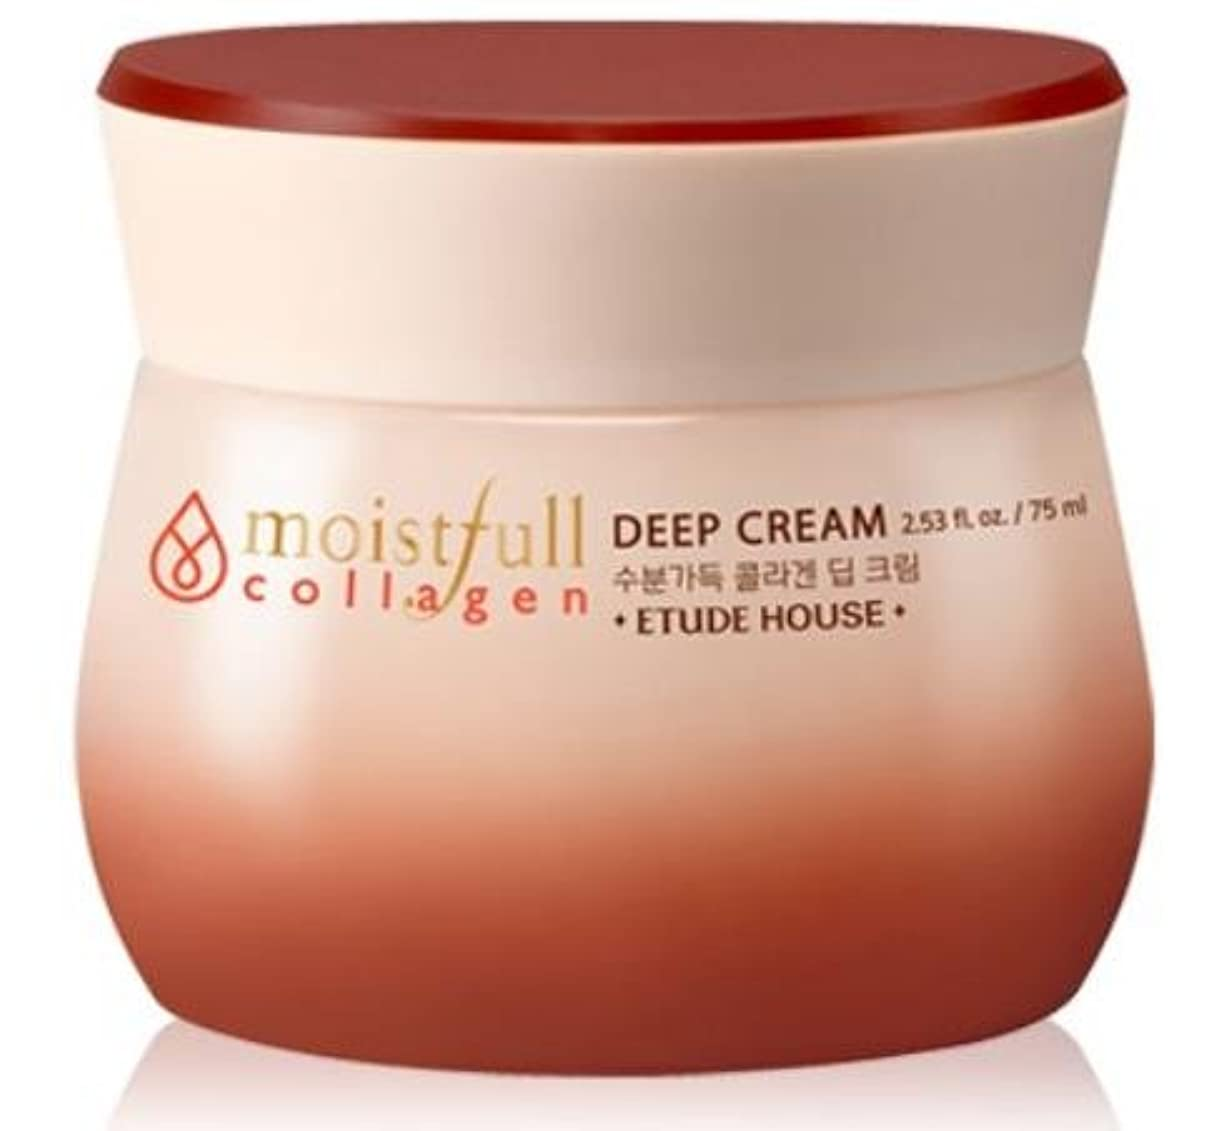 ロケーションアスリート適応する[エチュードハウス] ETUDE HOUSE [モイストフルコラーゲ 深いクリーム] (Moistfull Collagen Deep Cream) [並行輸入品]